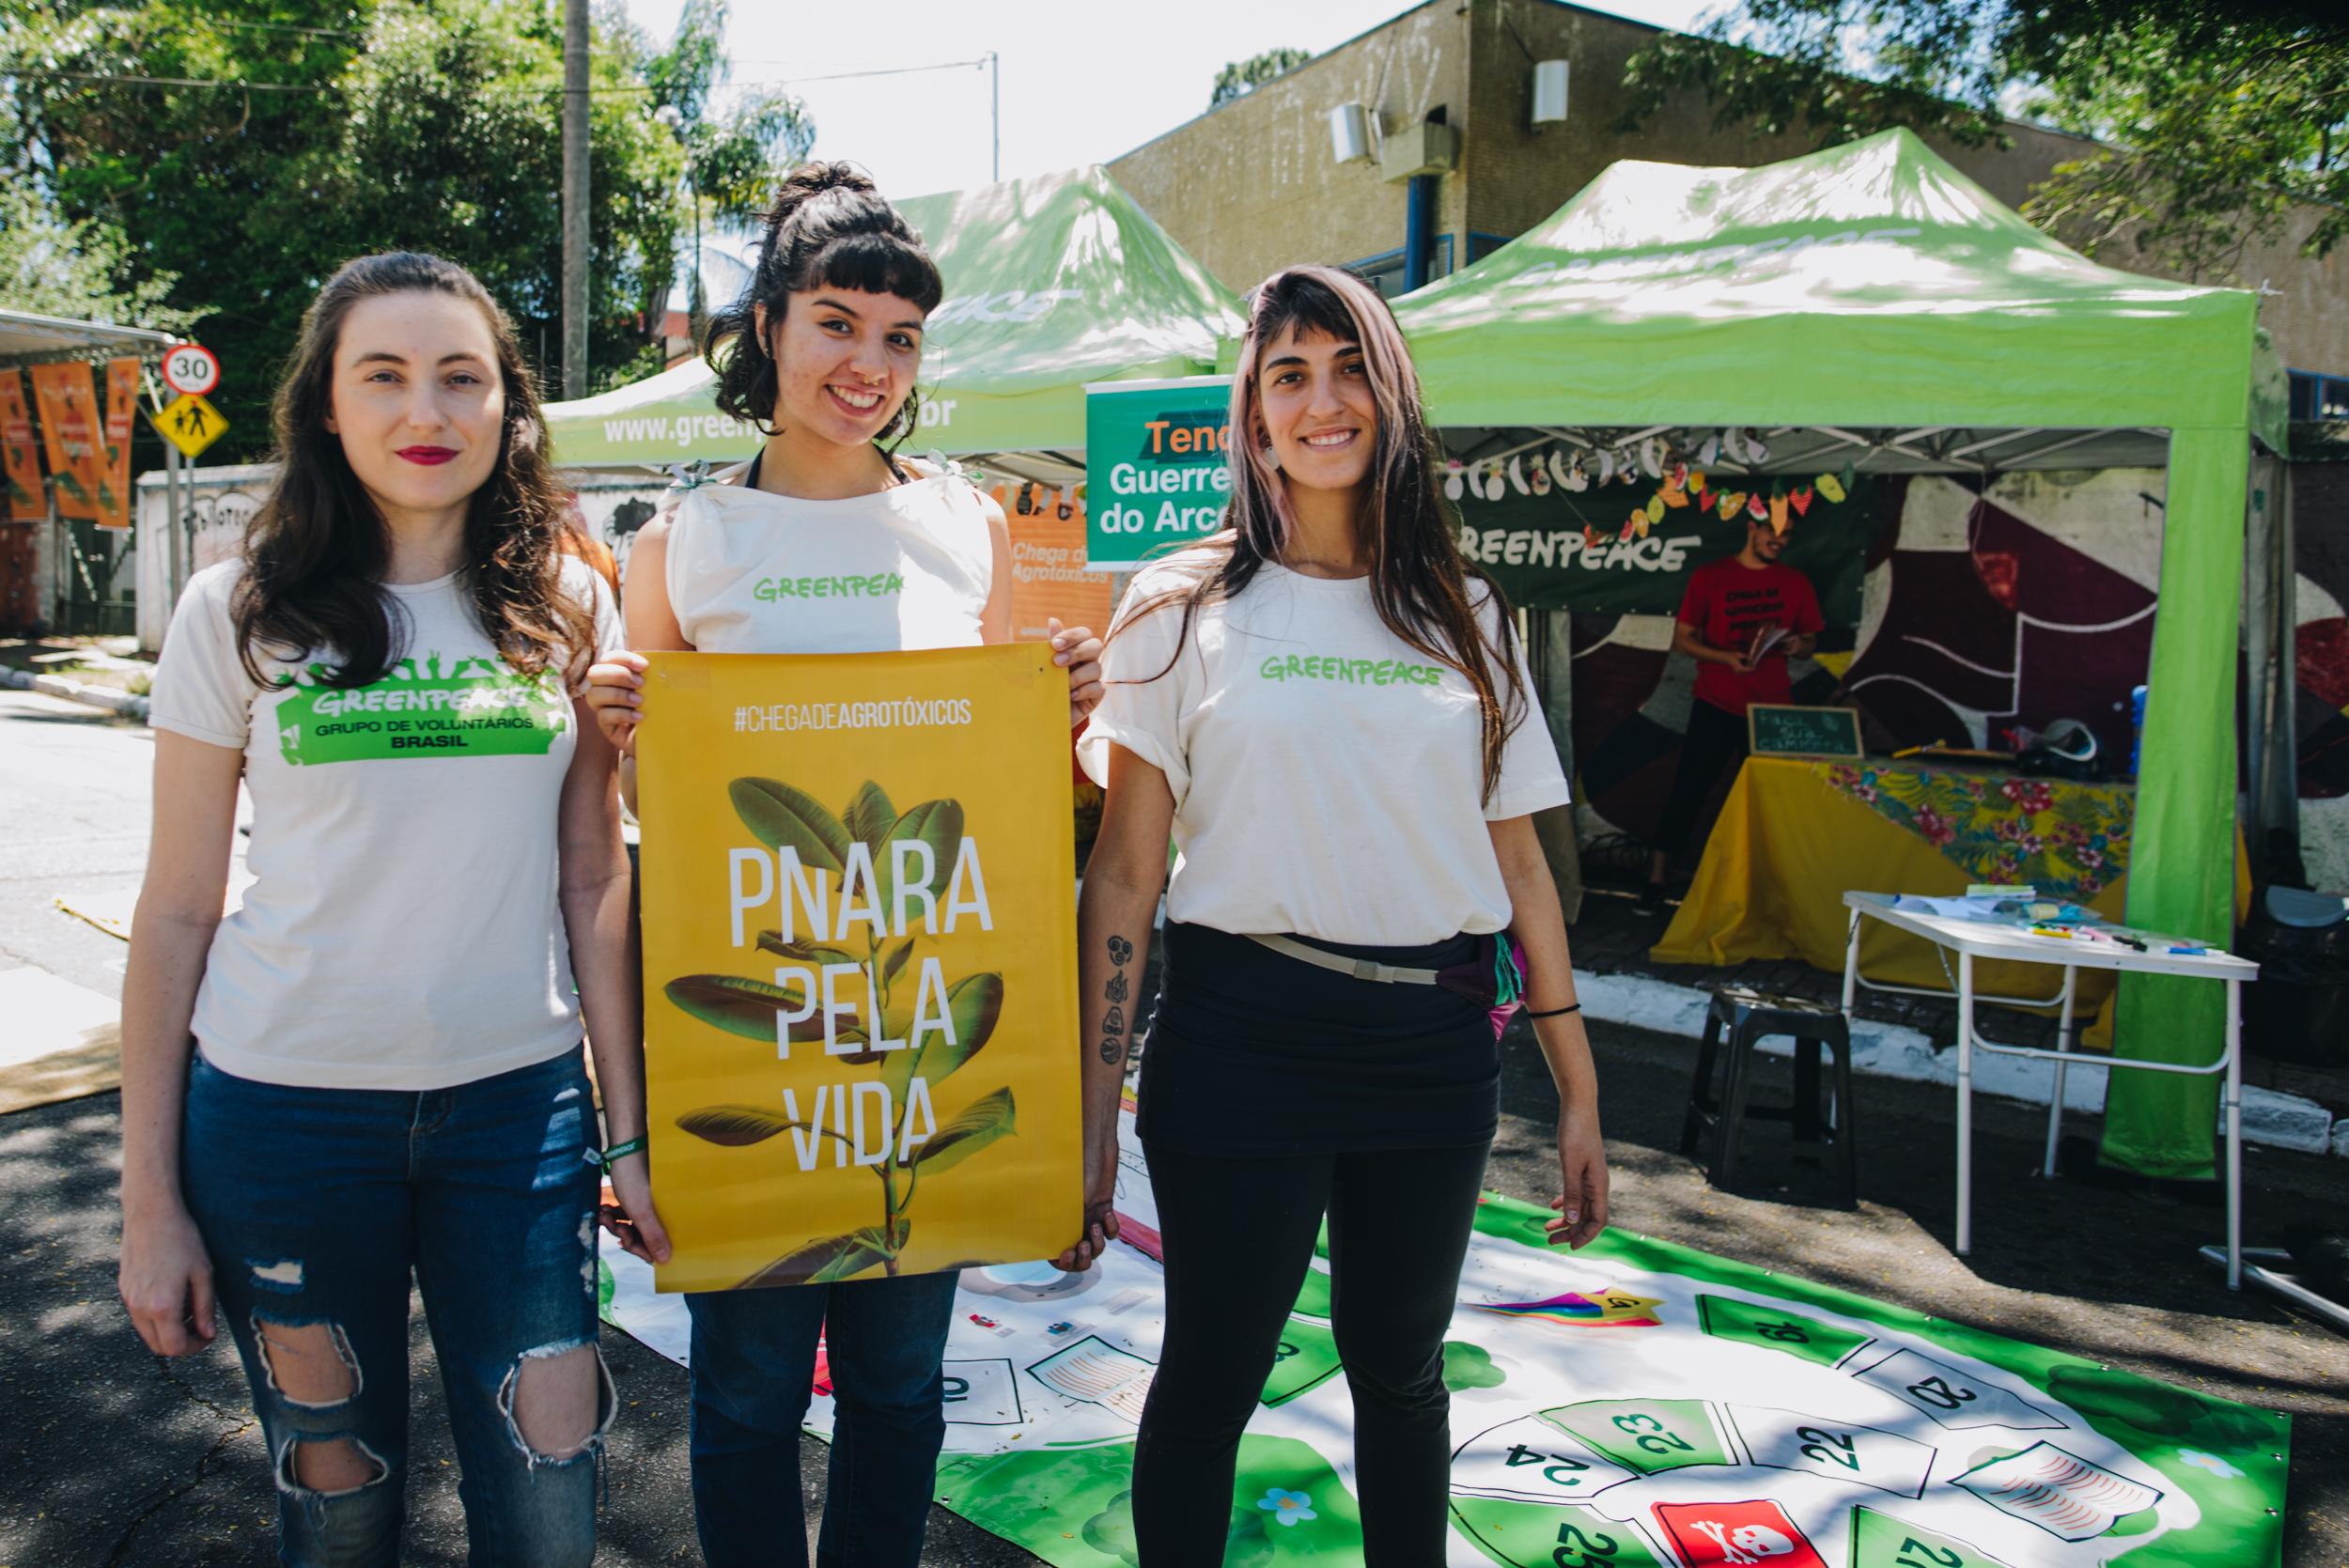 Mariana Belato, Grazielle Garcia e Natalia Ricci, voluntárias do Greenpeace